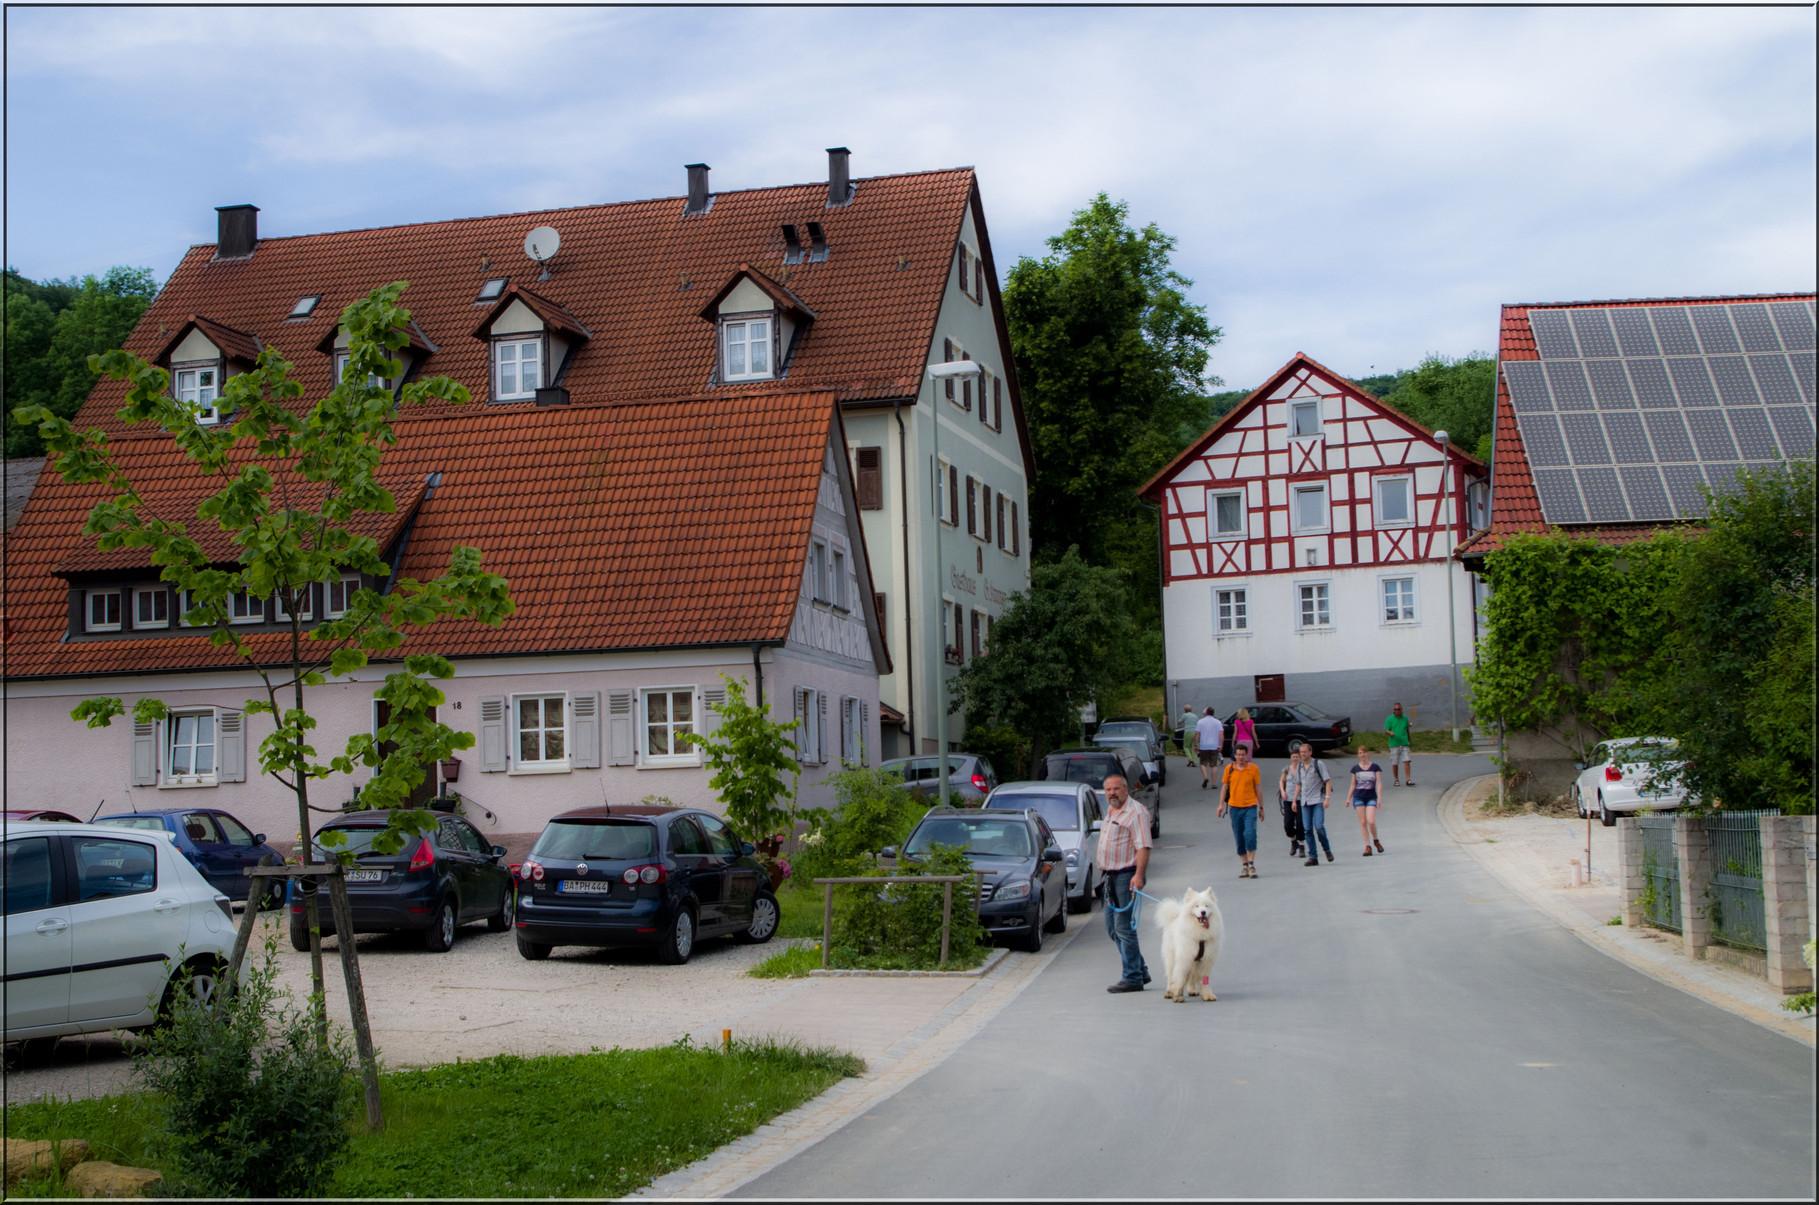 Fränkische Fachwerkhäuser in Ketschendorf